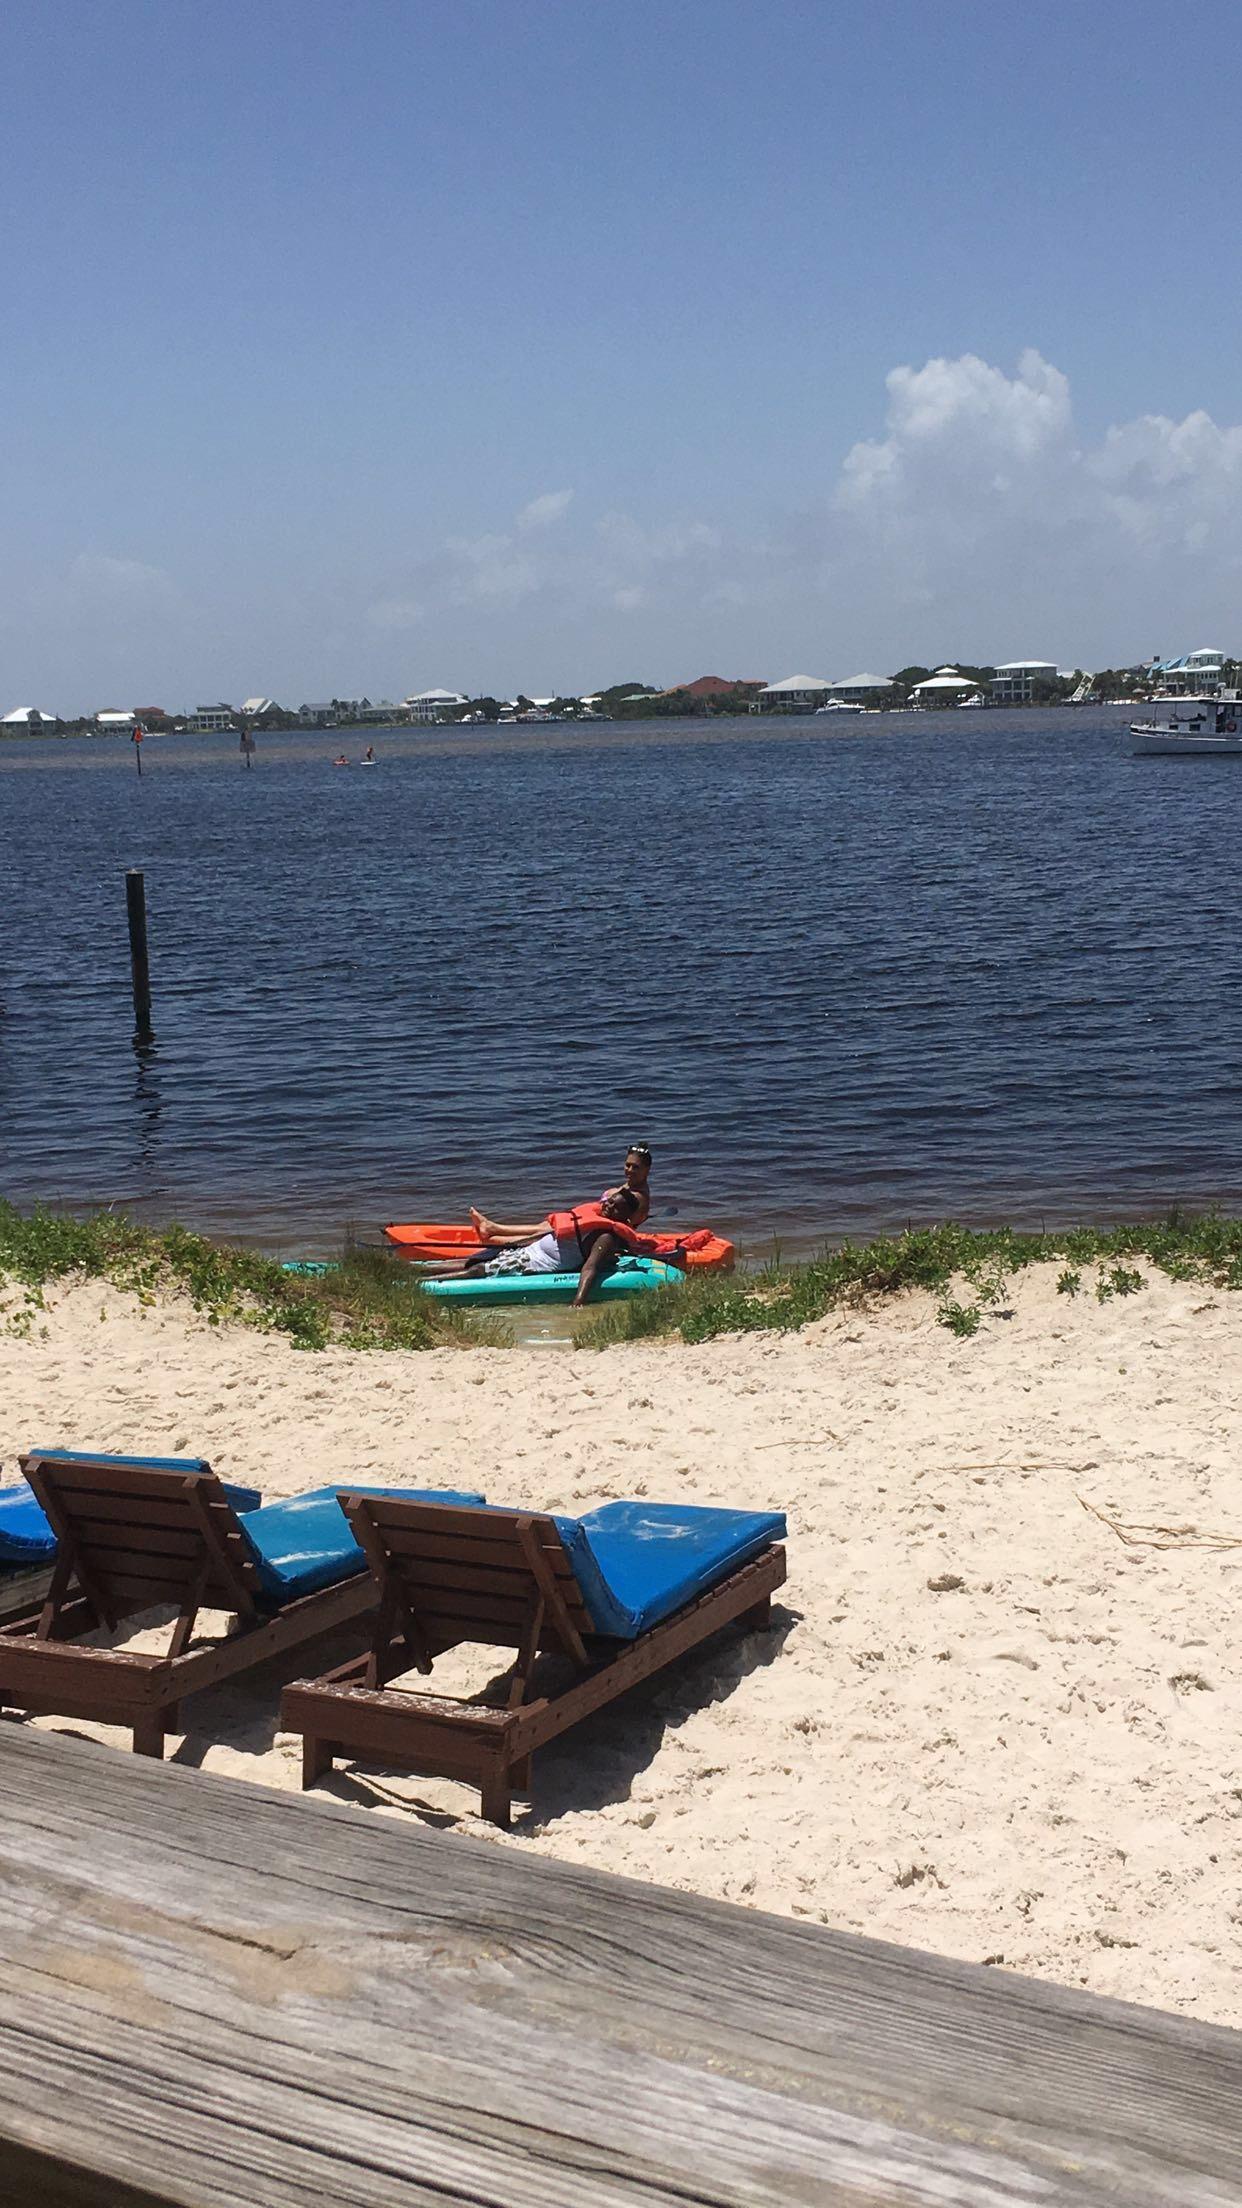 Free kayaking on bayside of beach